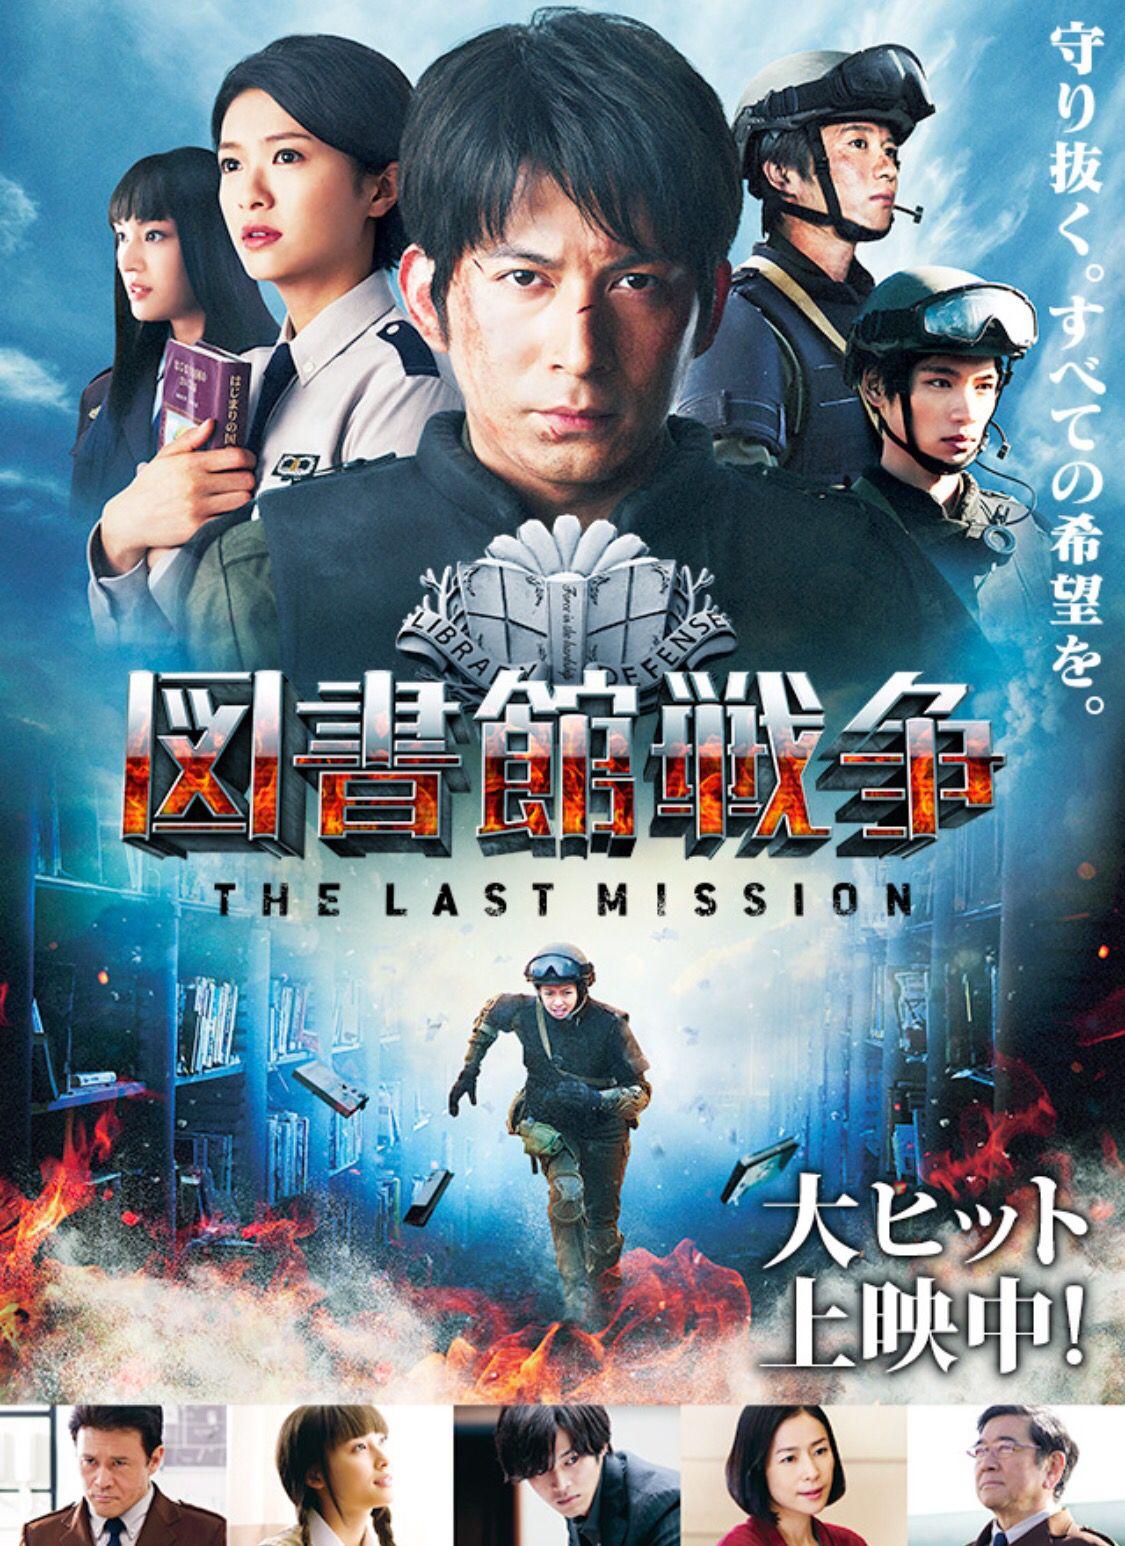 映画 図書館戦争 The Last Mission 10月10日公開 図書館戦争 映画